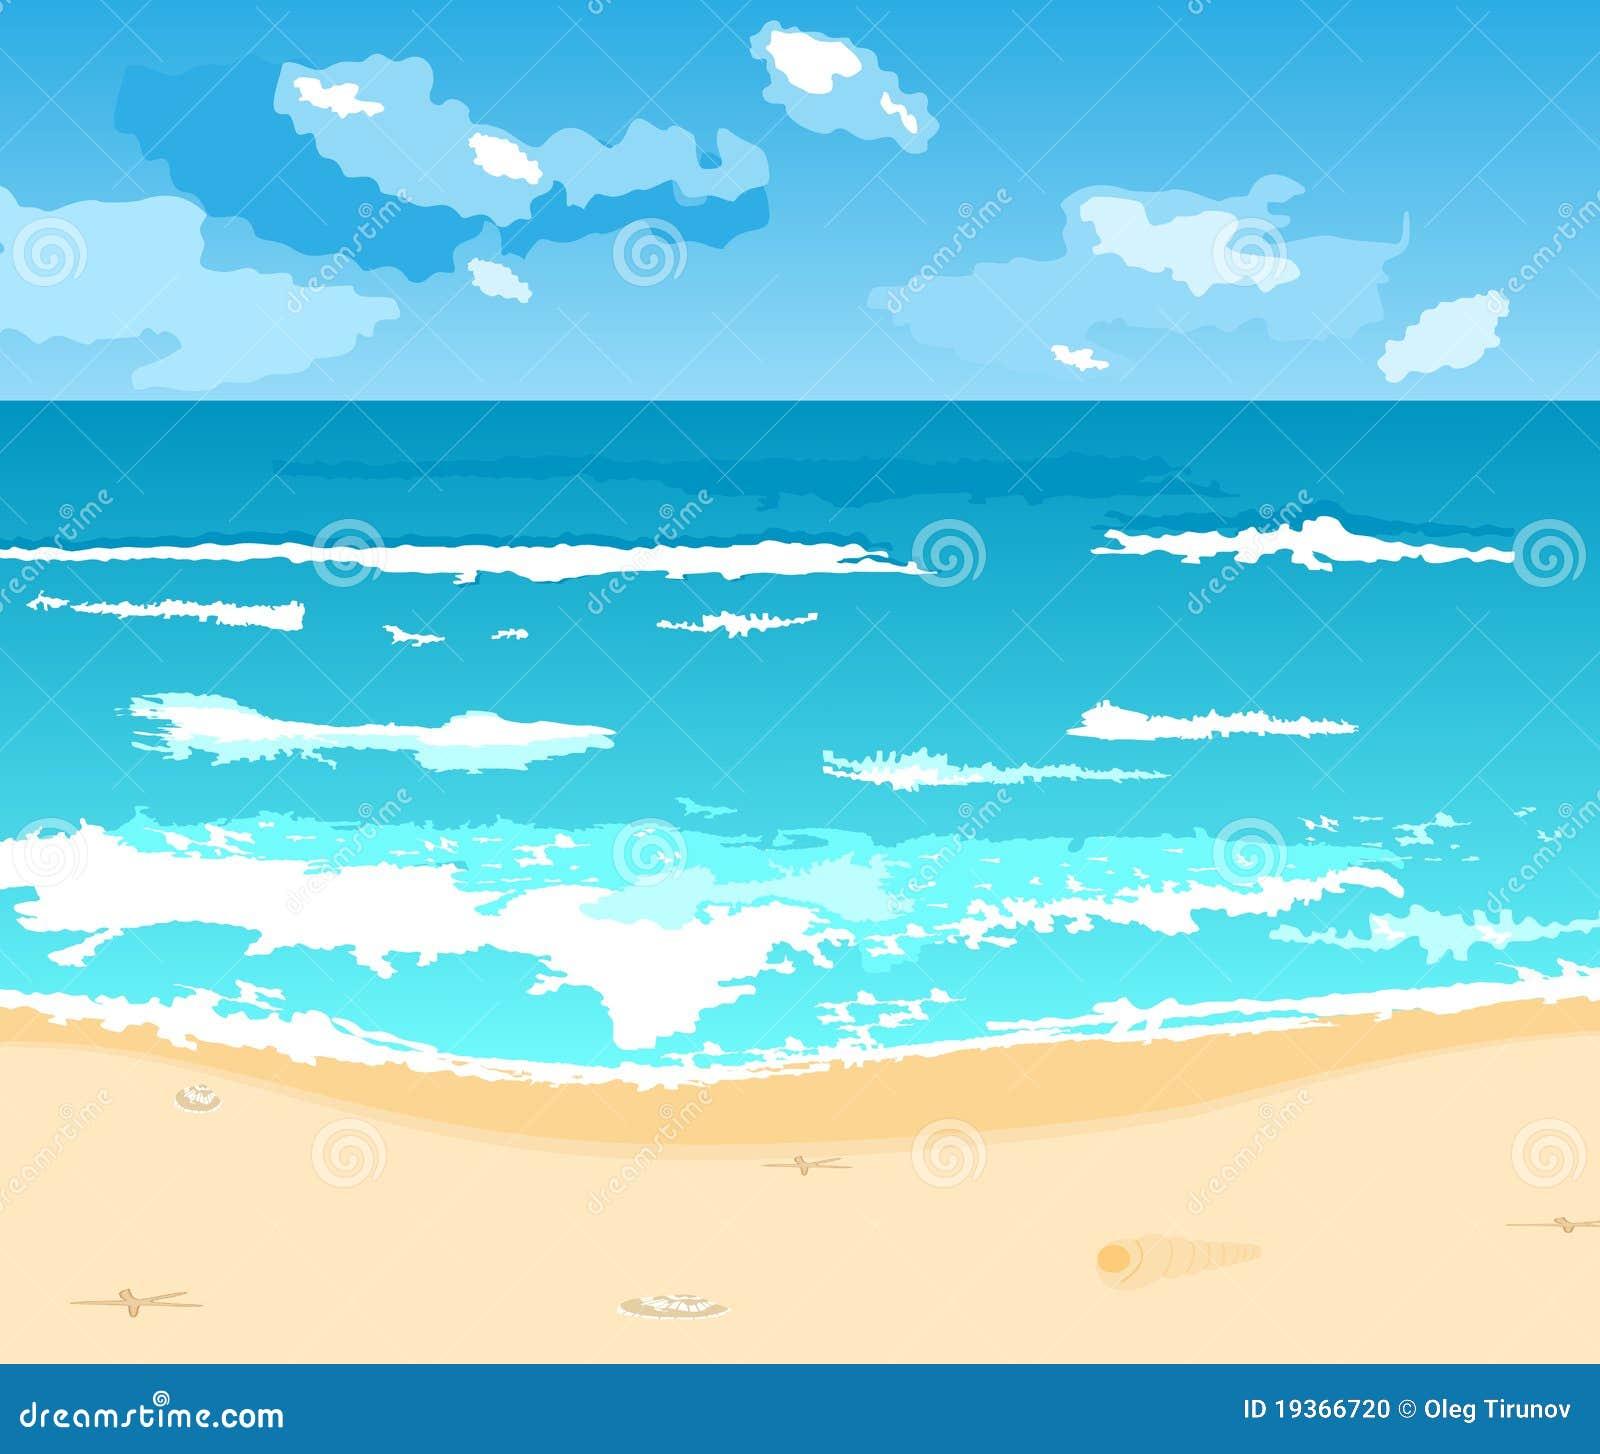 Fundo bonito do verão com praia